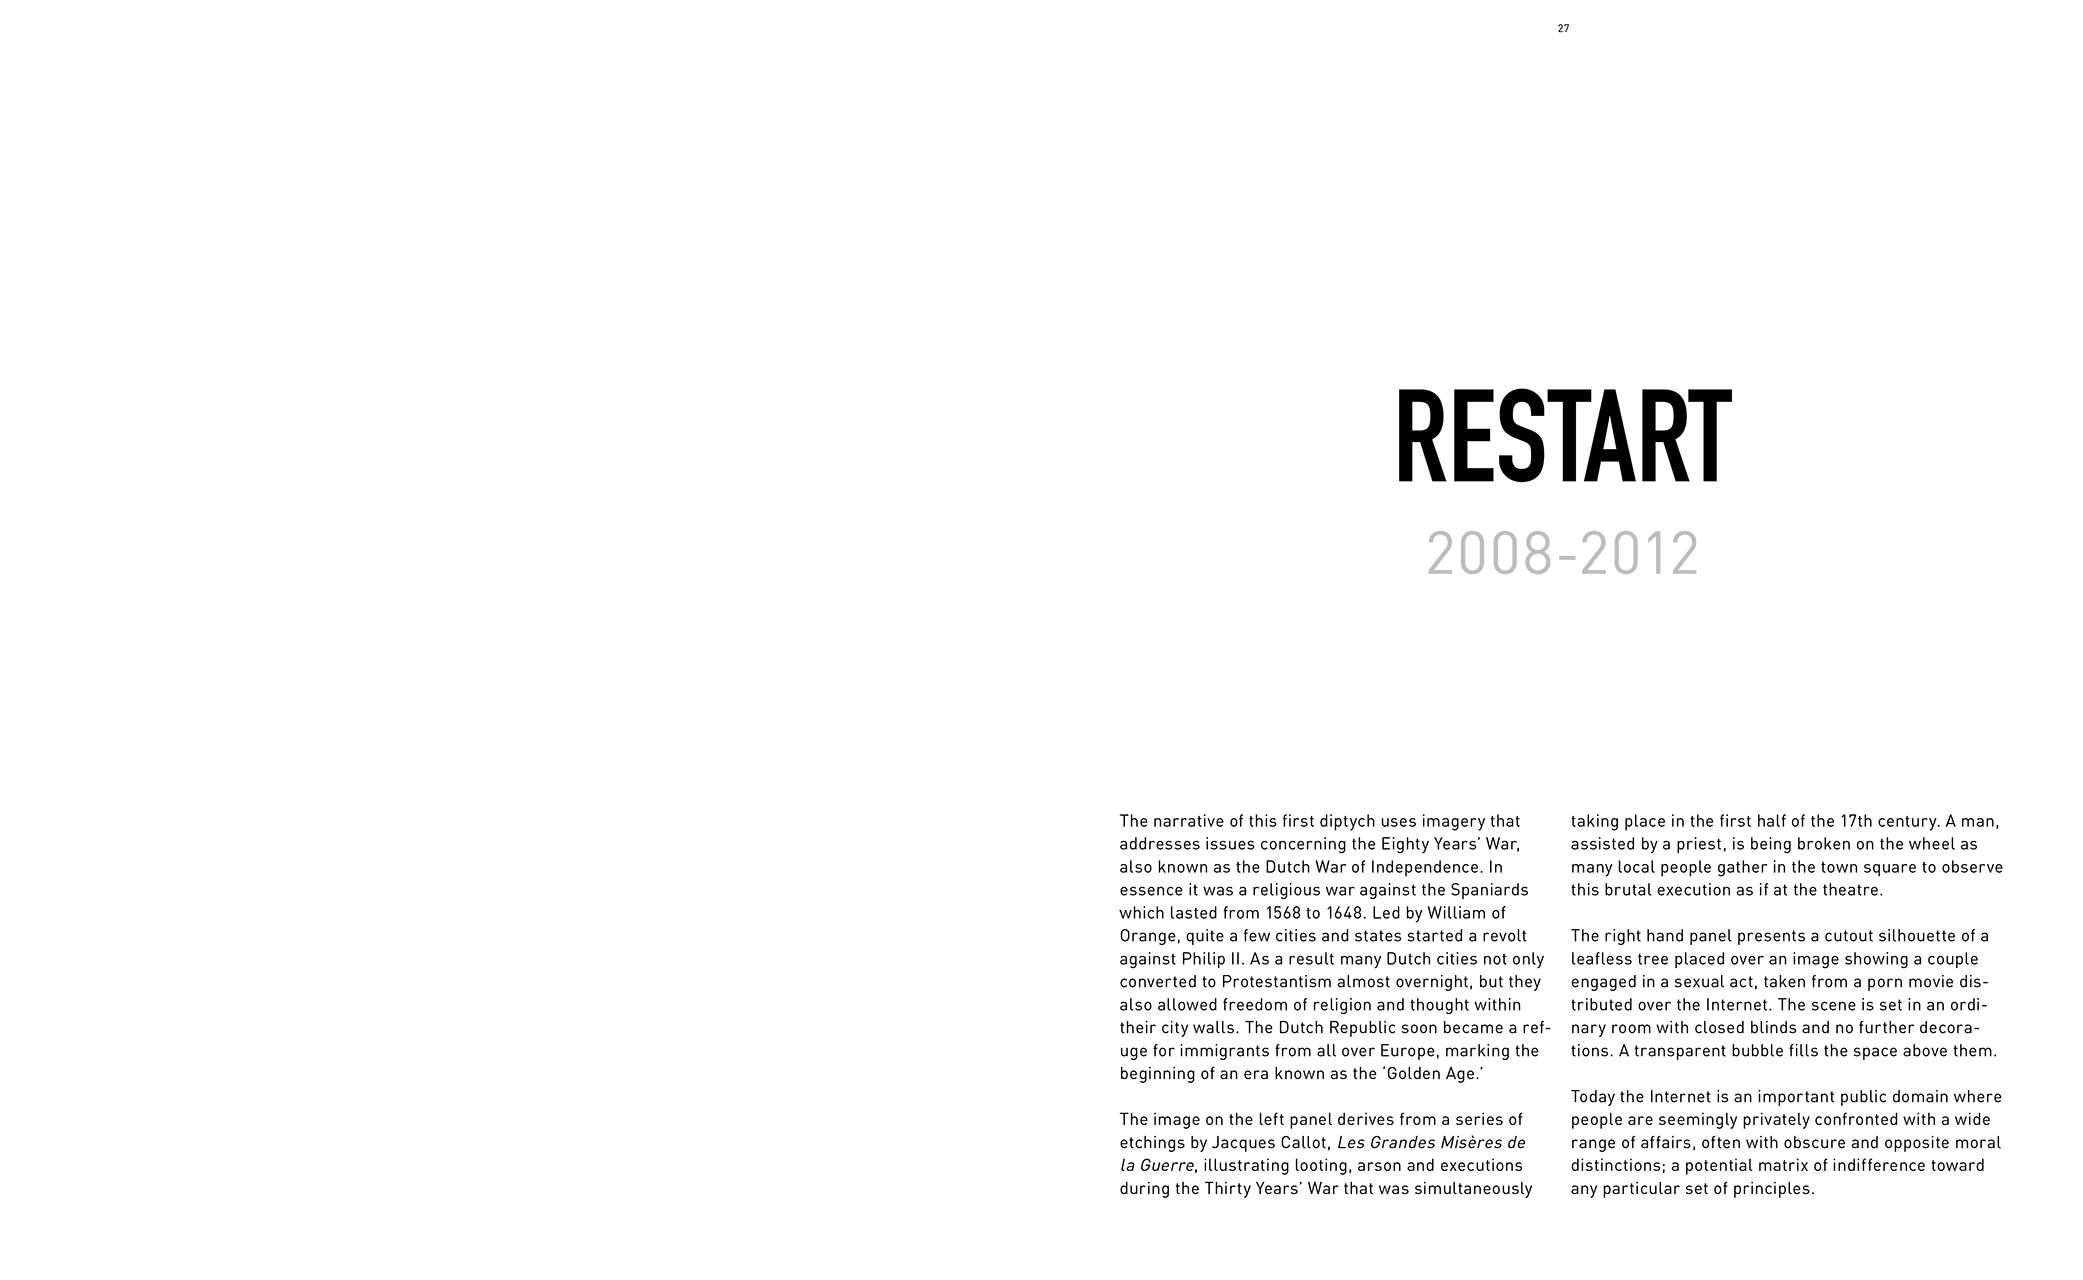 Robert_Smit_GRID_1_ Restart_title_page